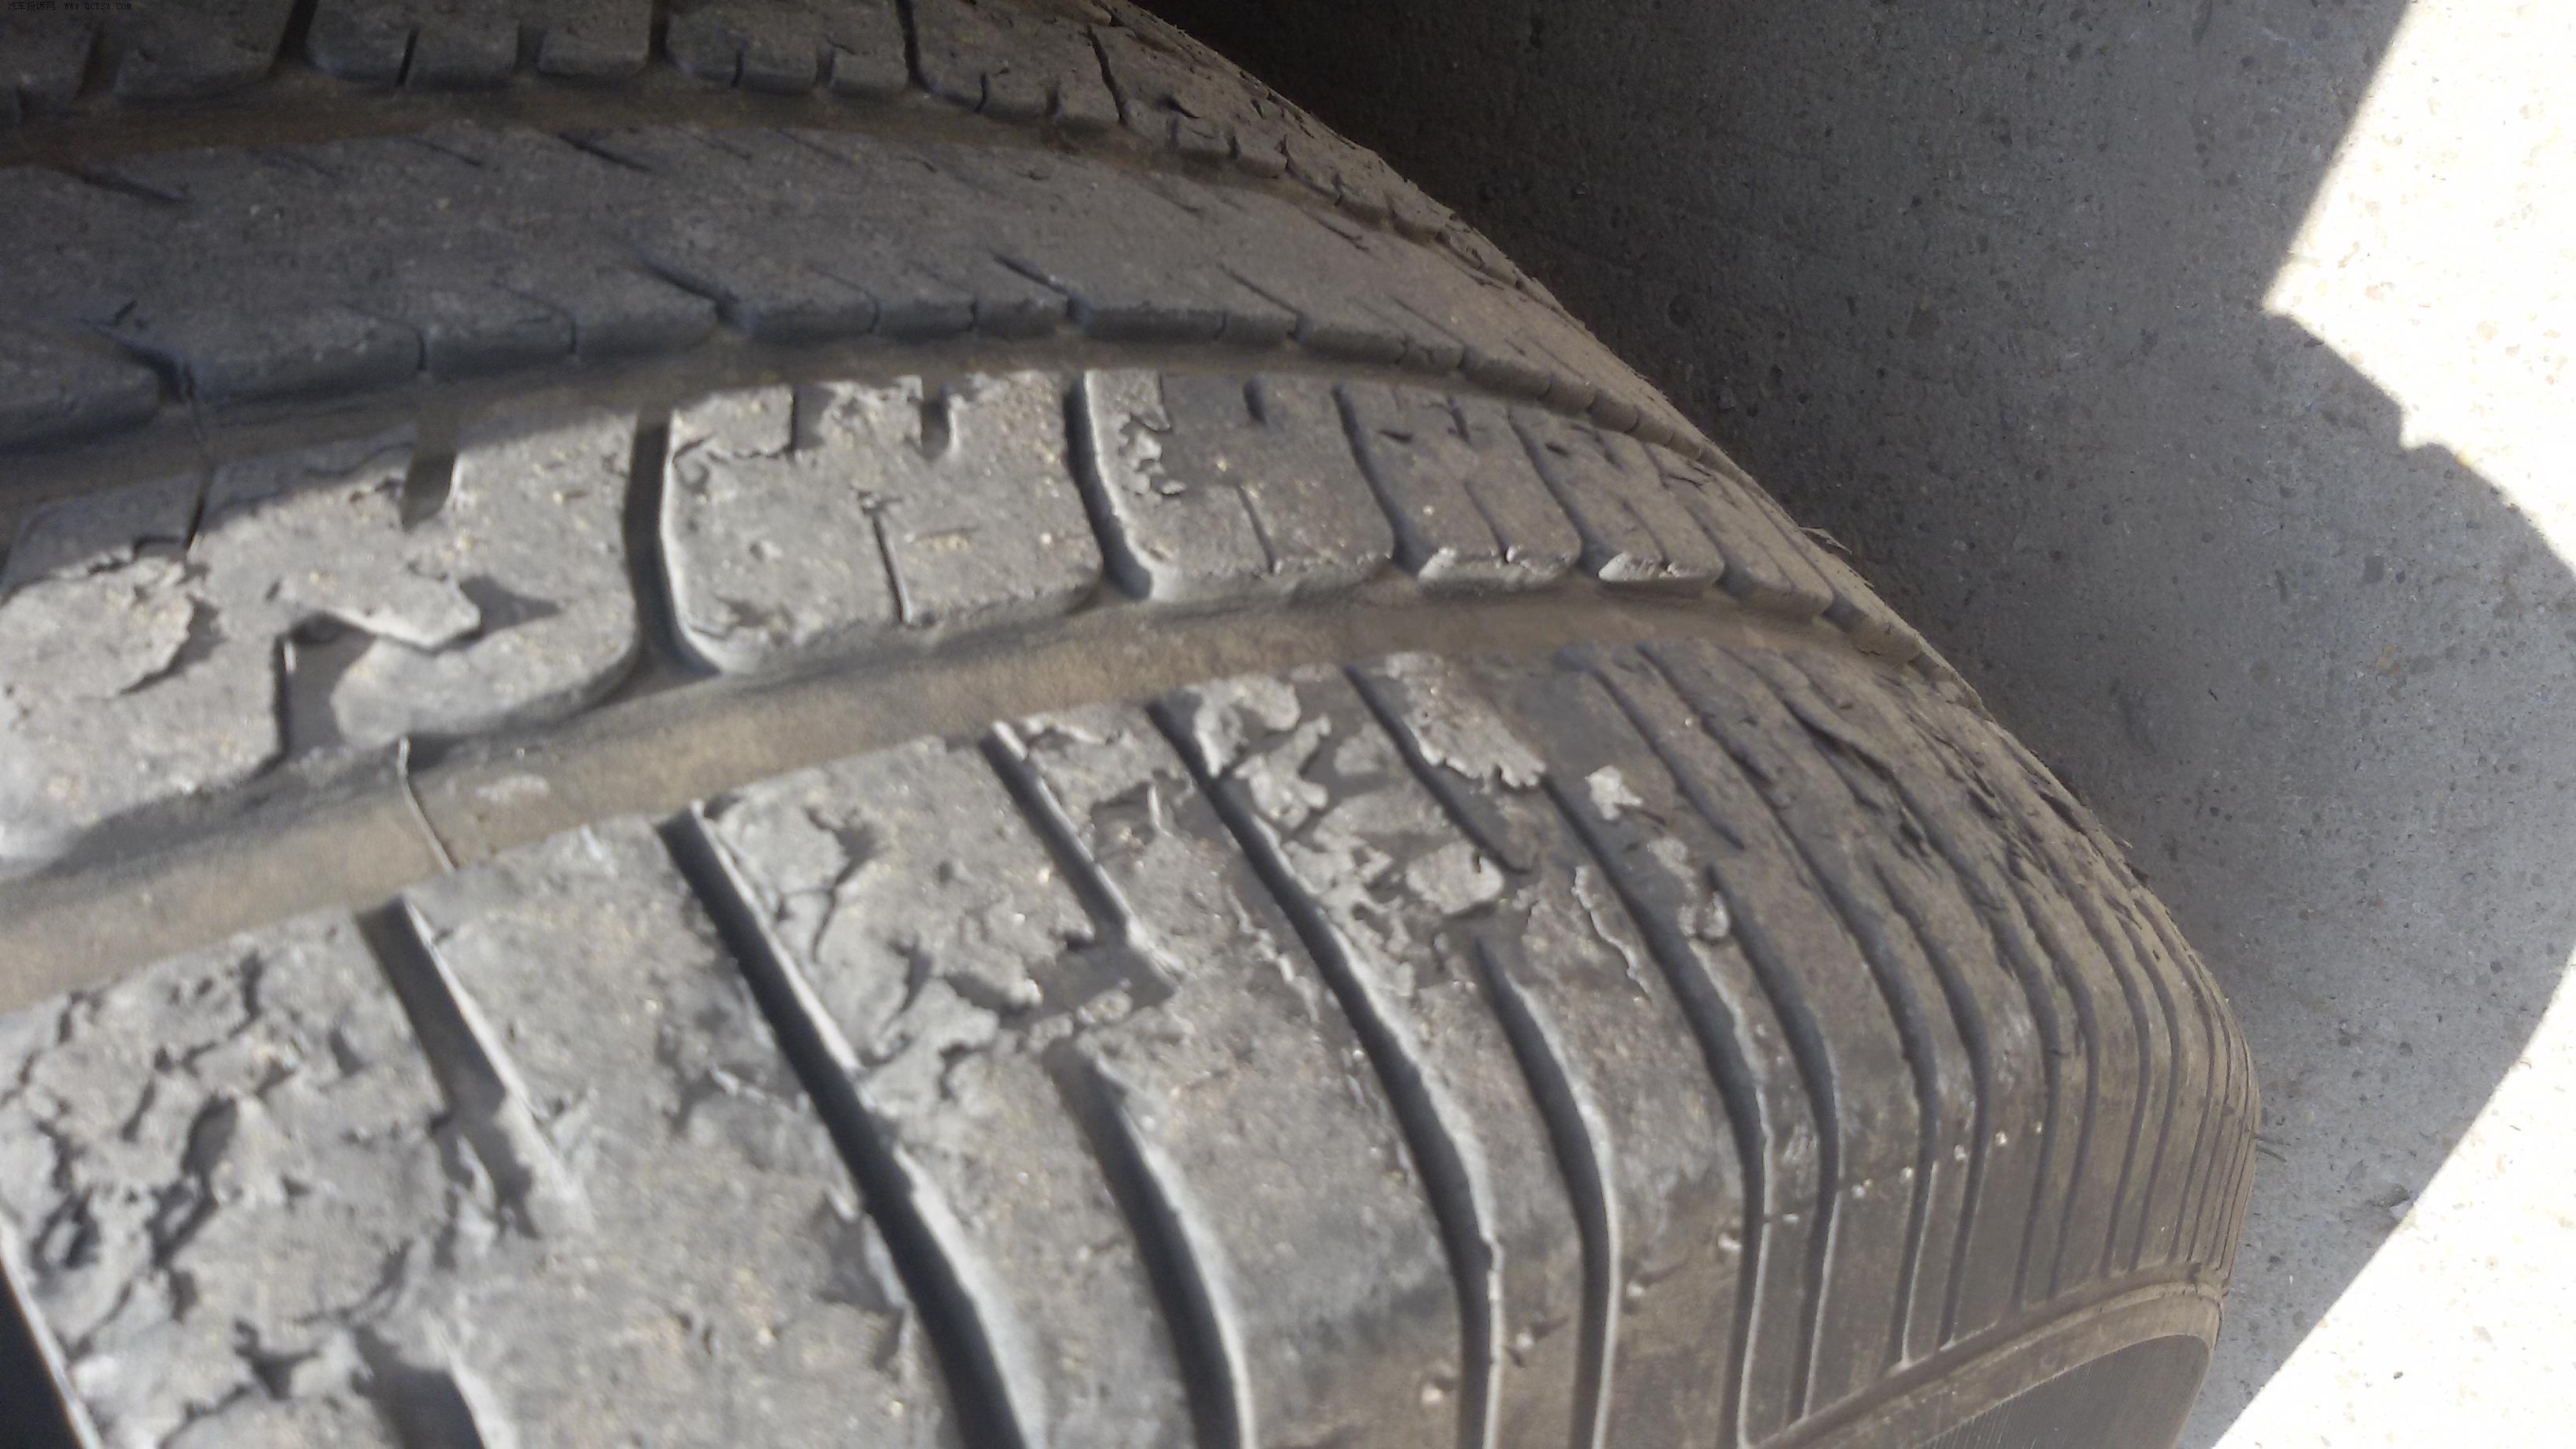 上海通用sls赛威 凯迪拉克sls固特异轮胎质量问题 高清图片